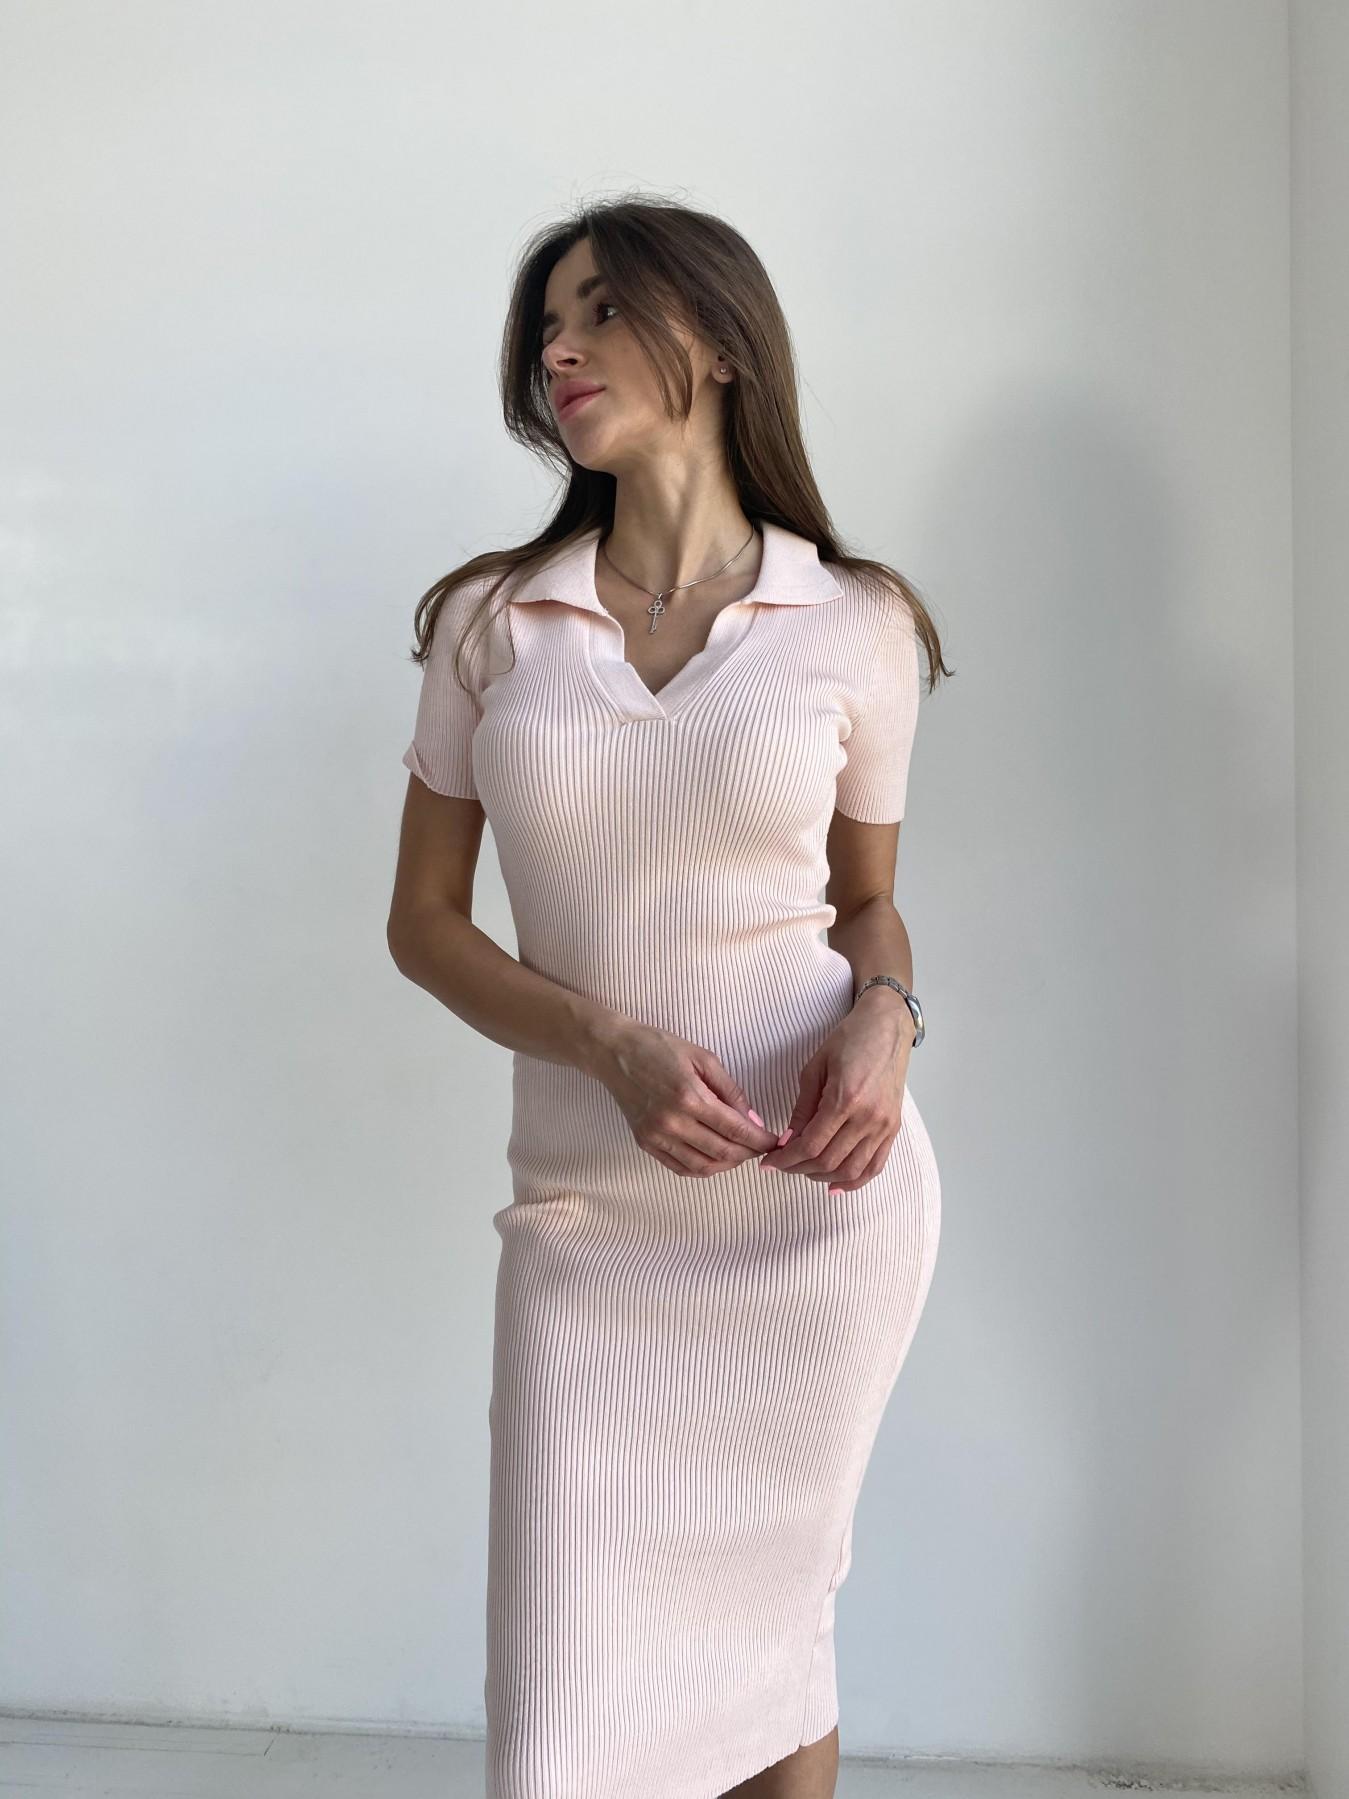 Платье воротник 91688 АРТ. 48068 Цвет: Пудра - фото 4, интернет магазин tm-modus.ru